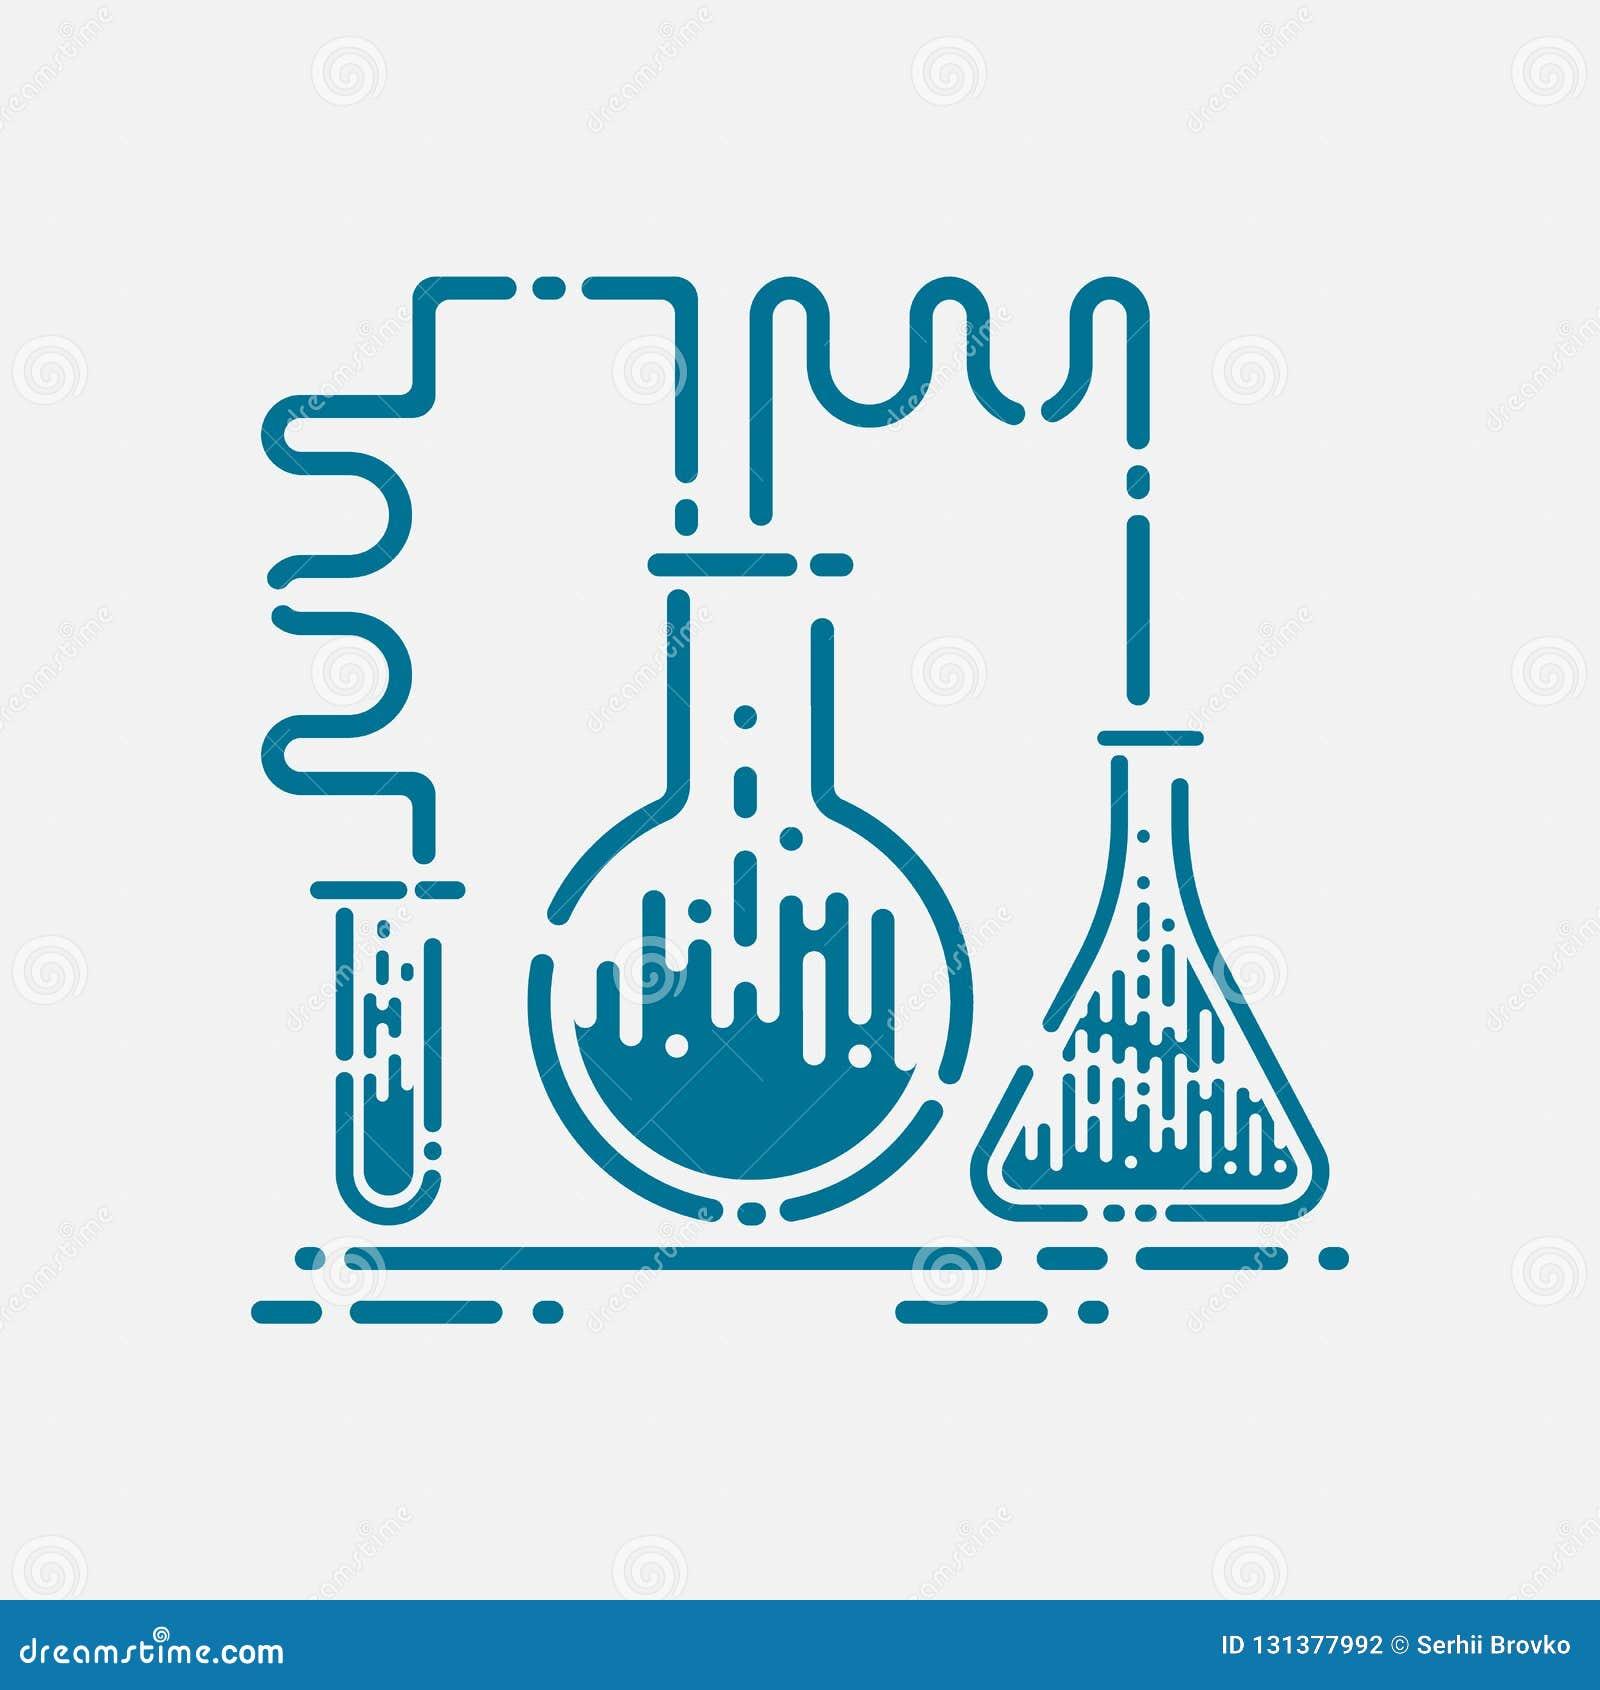 Εικονίδιο εργαστηριακών σωλήνων - σύμβολο χημείας και επιστήμης - ιατρικός εξοπλισμός - επιστημονική εκπαίδευση